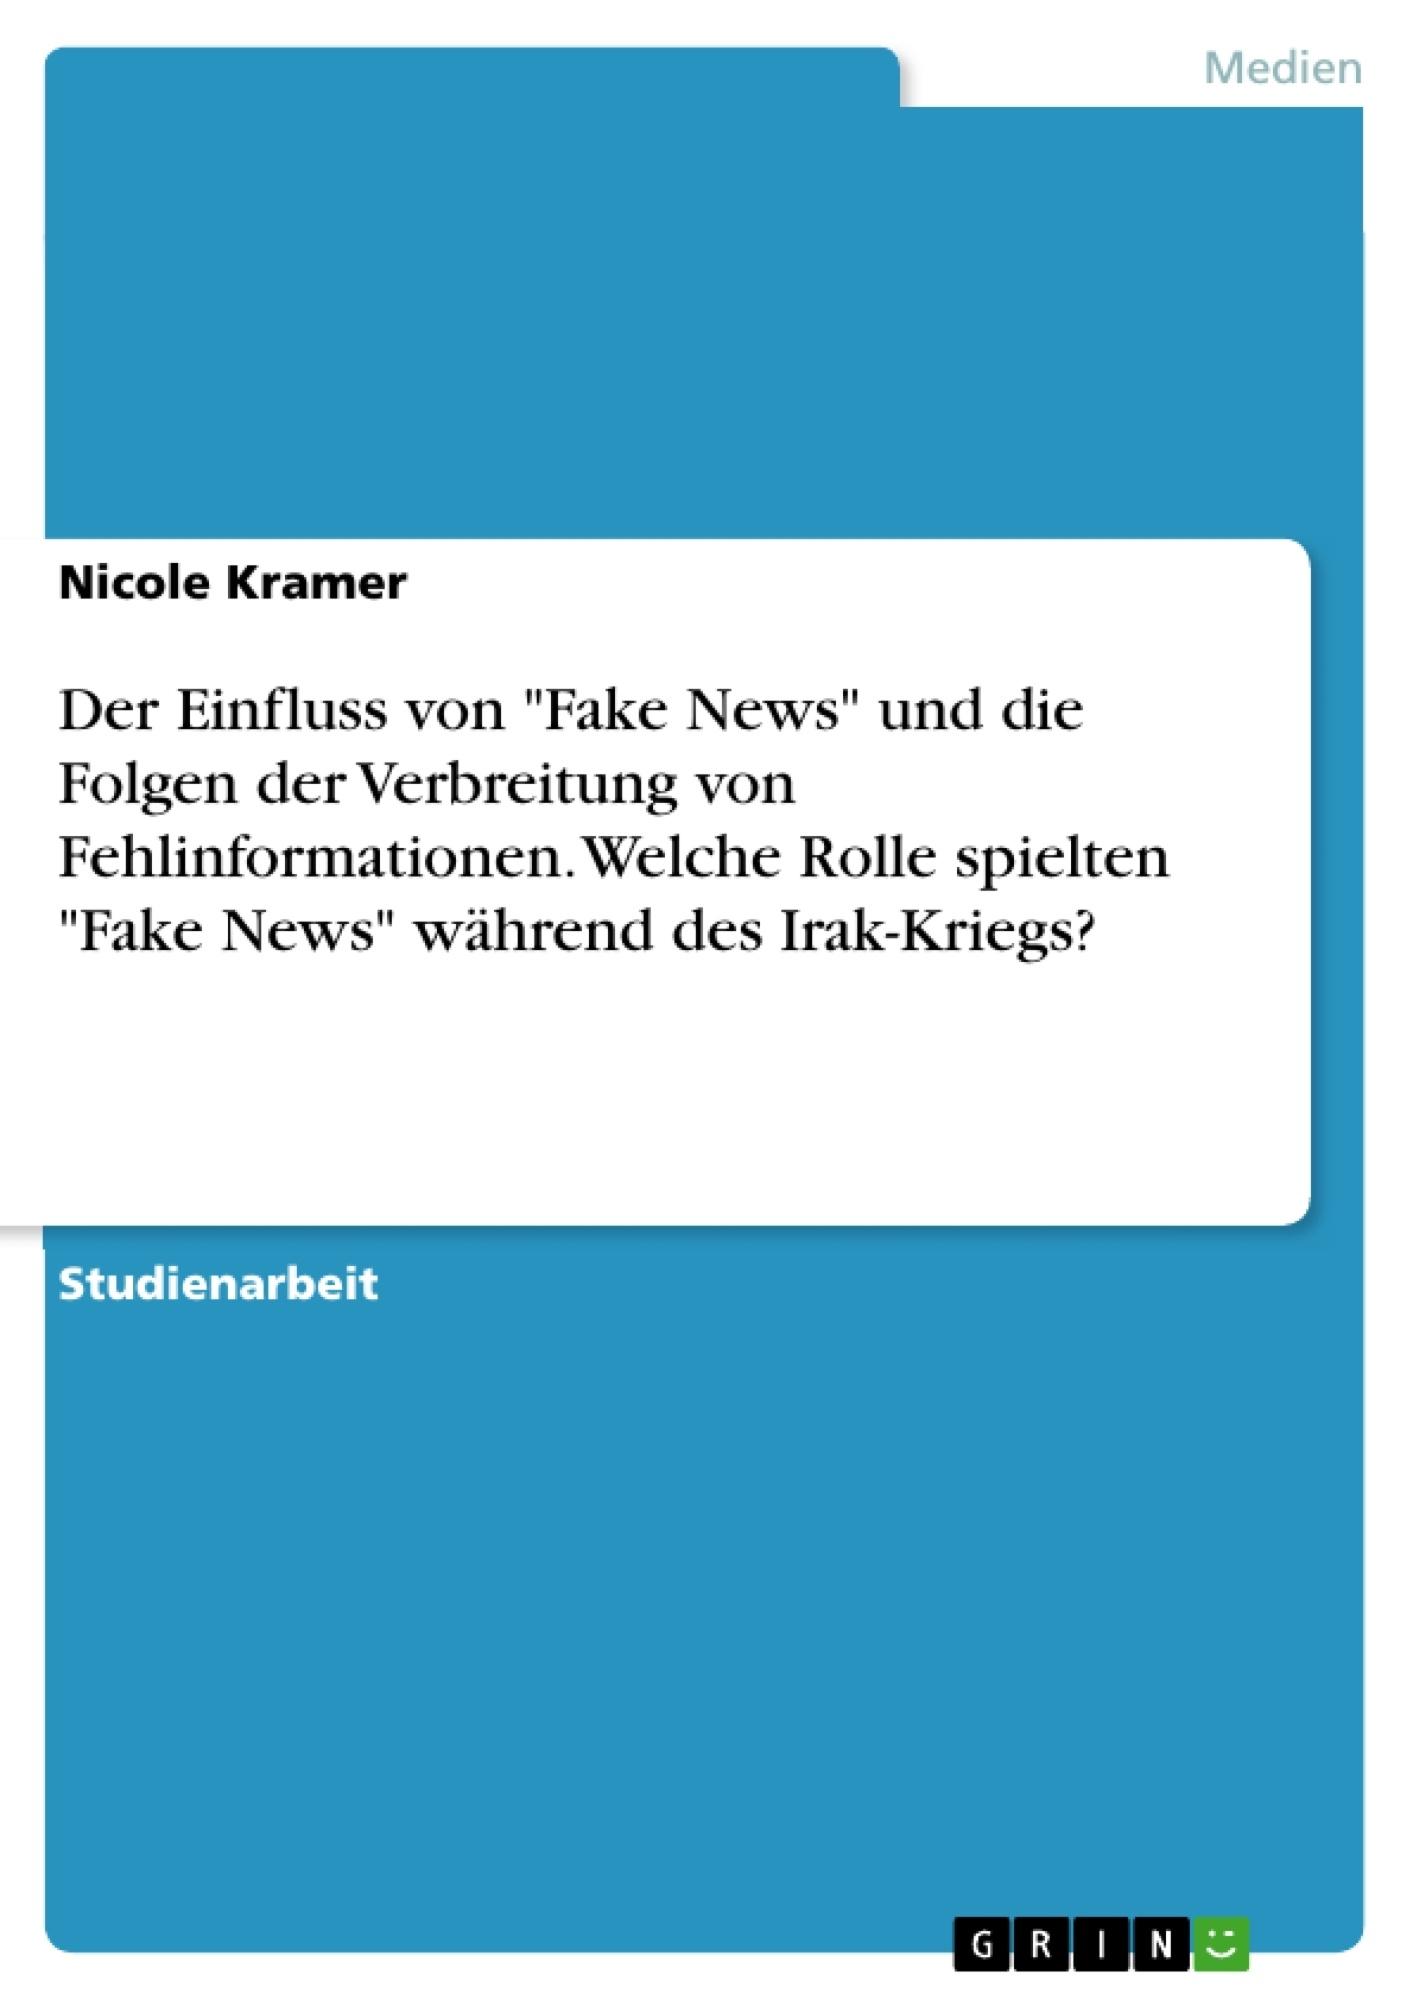 """Titel: Der Einfluss von """"Fake News"""" und die Folgen der Verbreitung von Fehlinformationen. Welche Rolle spielten """"Fake News"""" während des Irak-Kriegs?"""